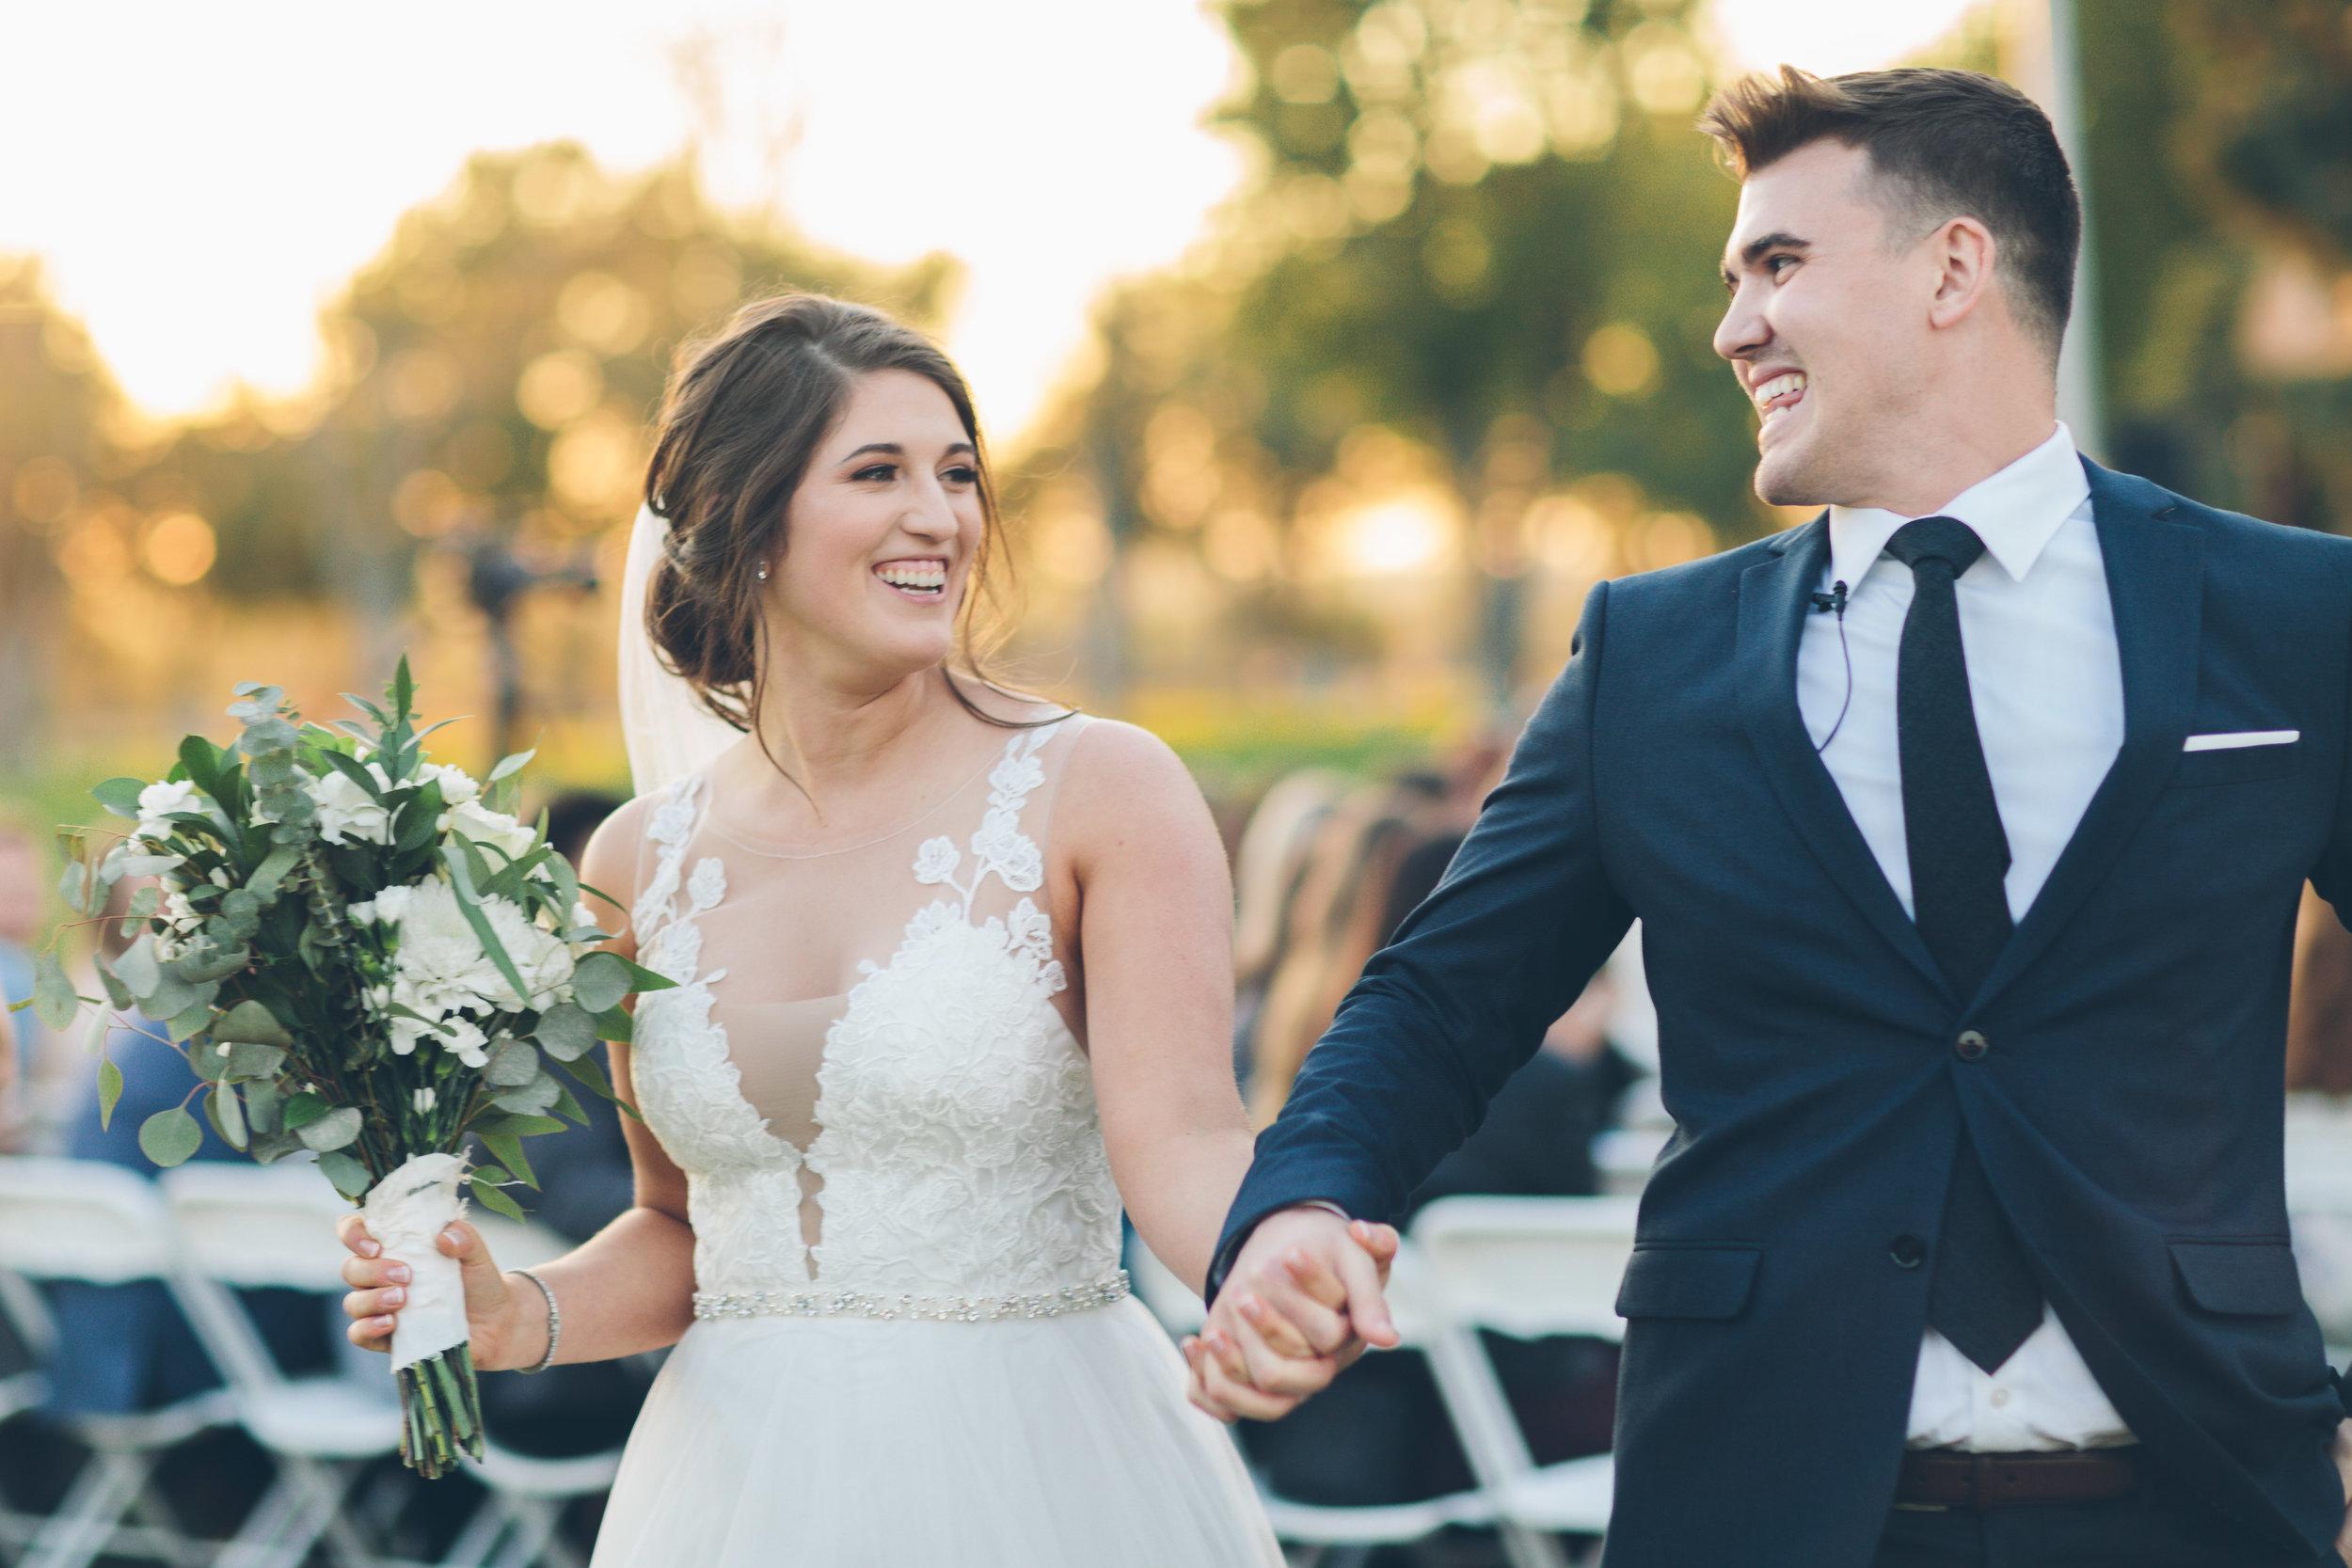 wedding reception bride and groom spokane image